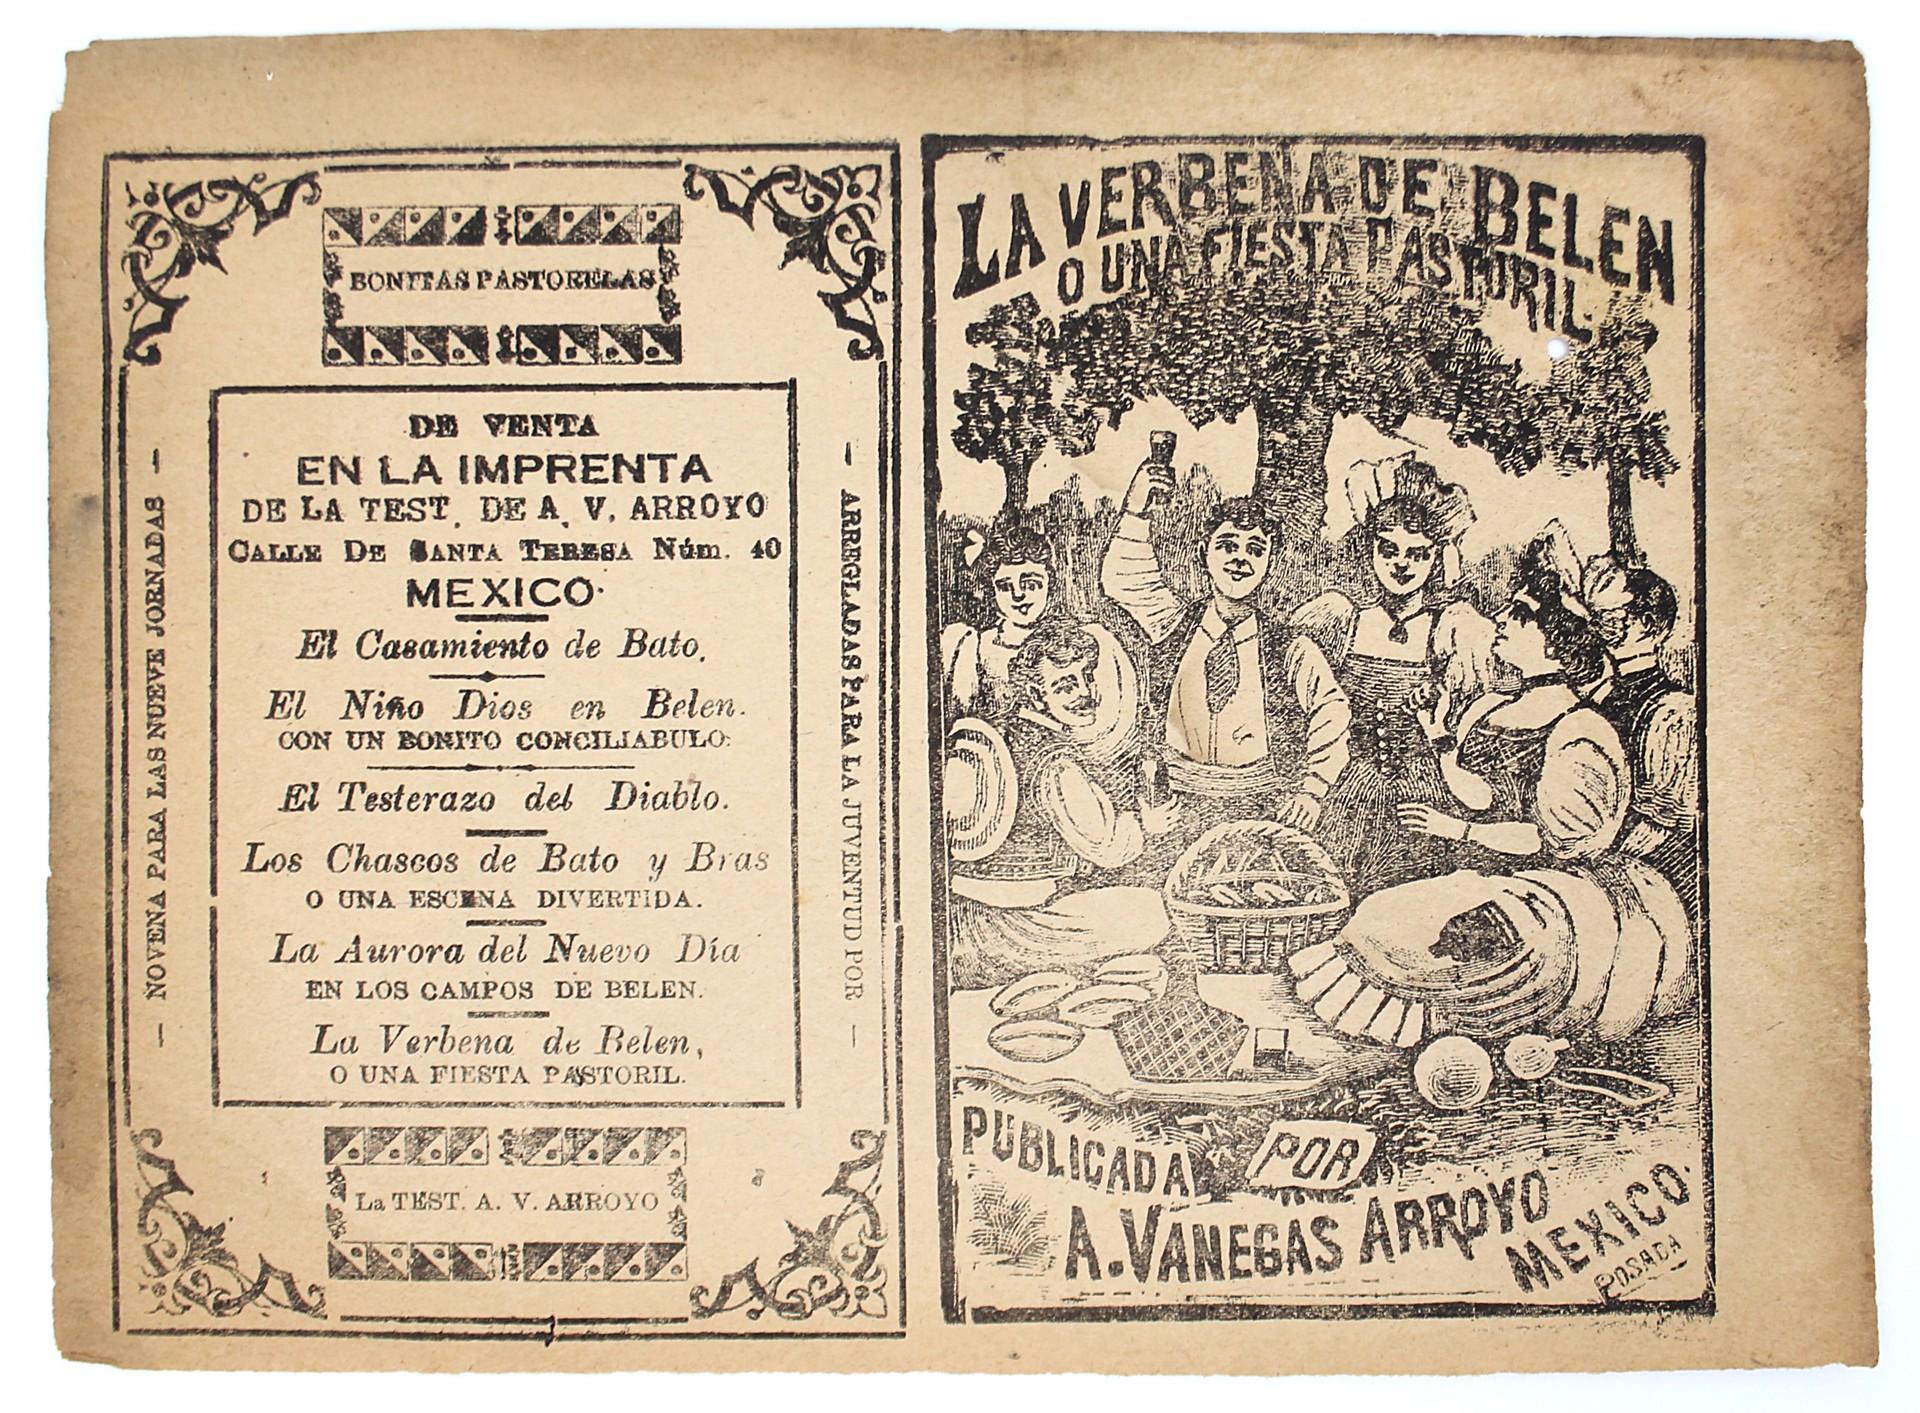 La Verbena de Belen o Una Fiesta Pastoril by José Guadalupe Posada (1852 - 1913)